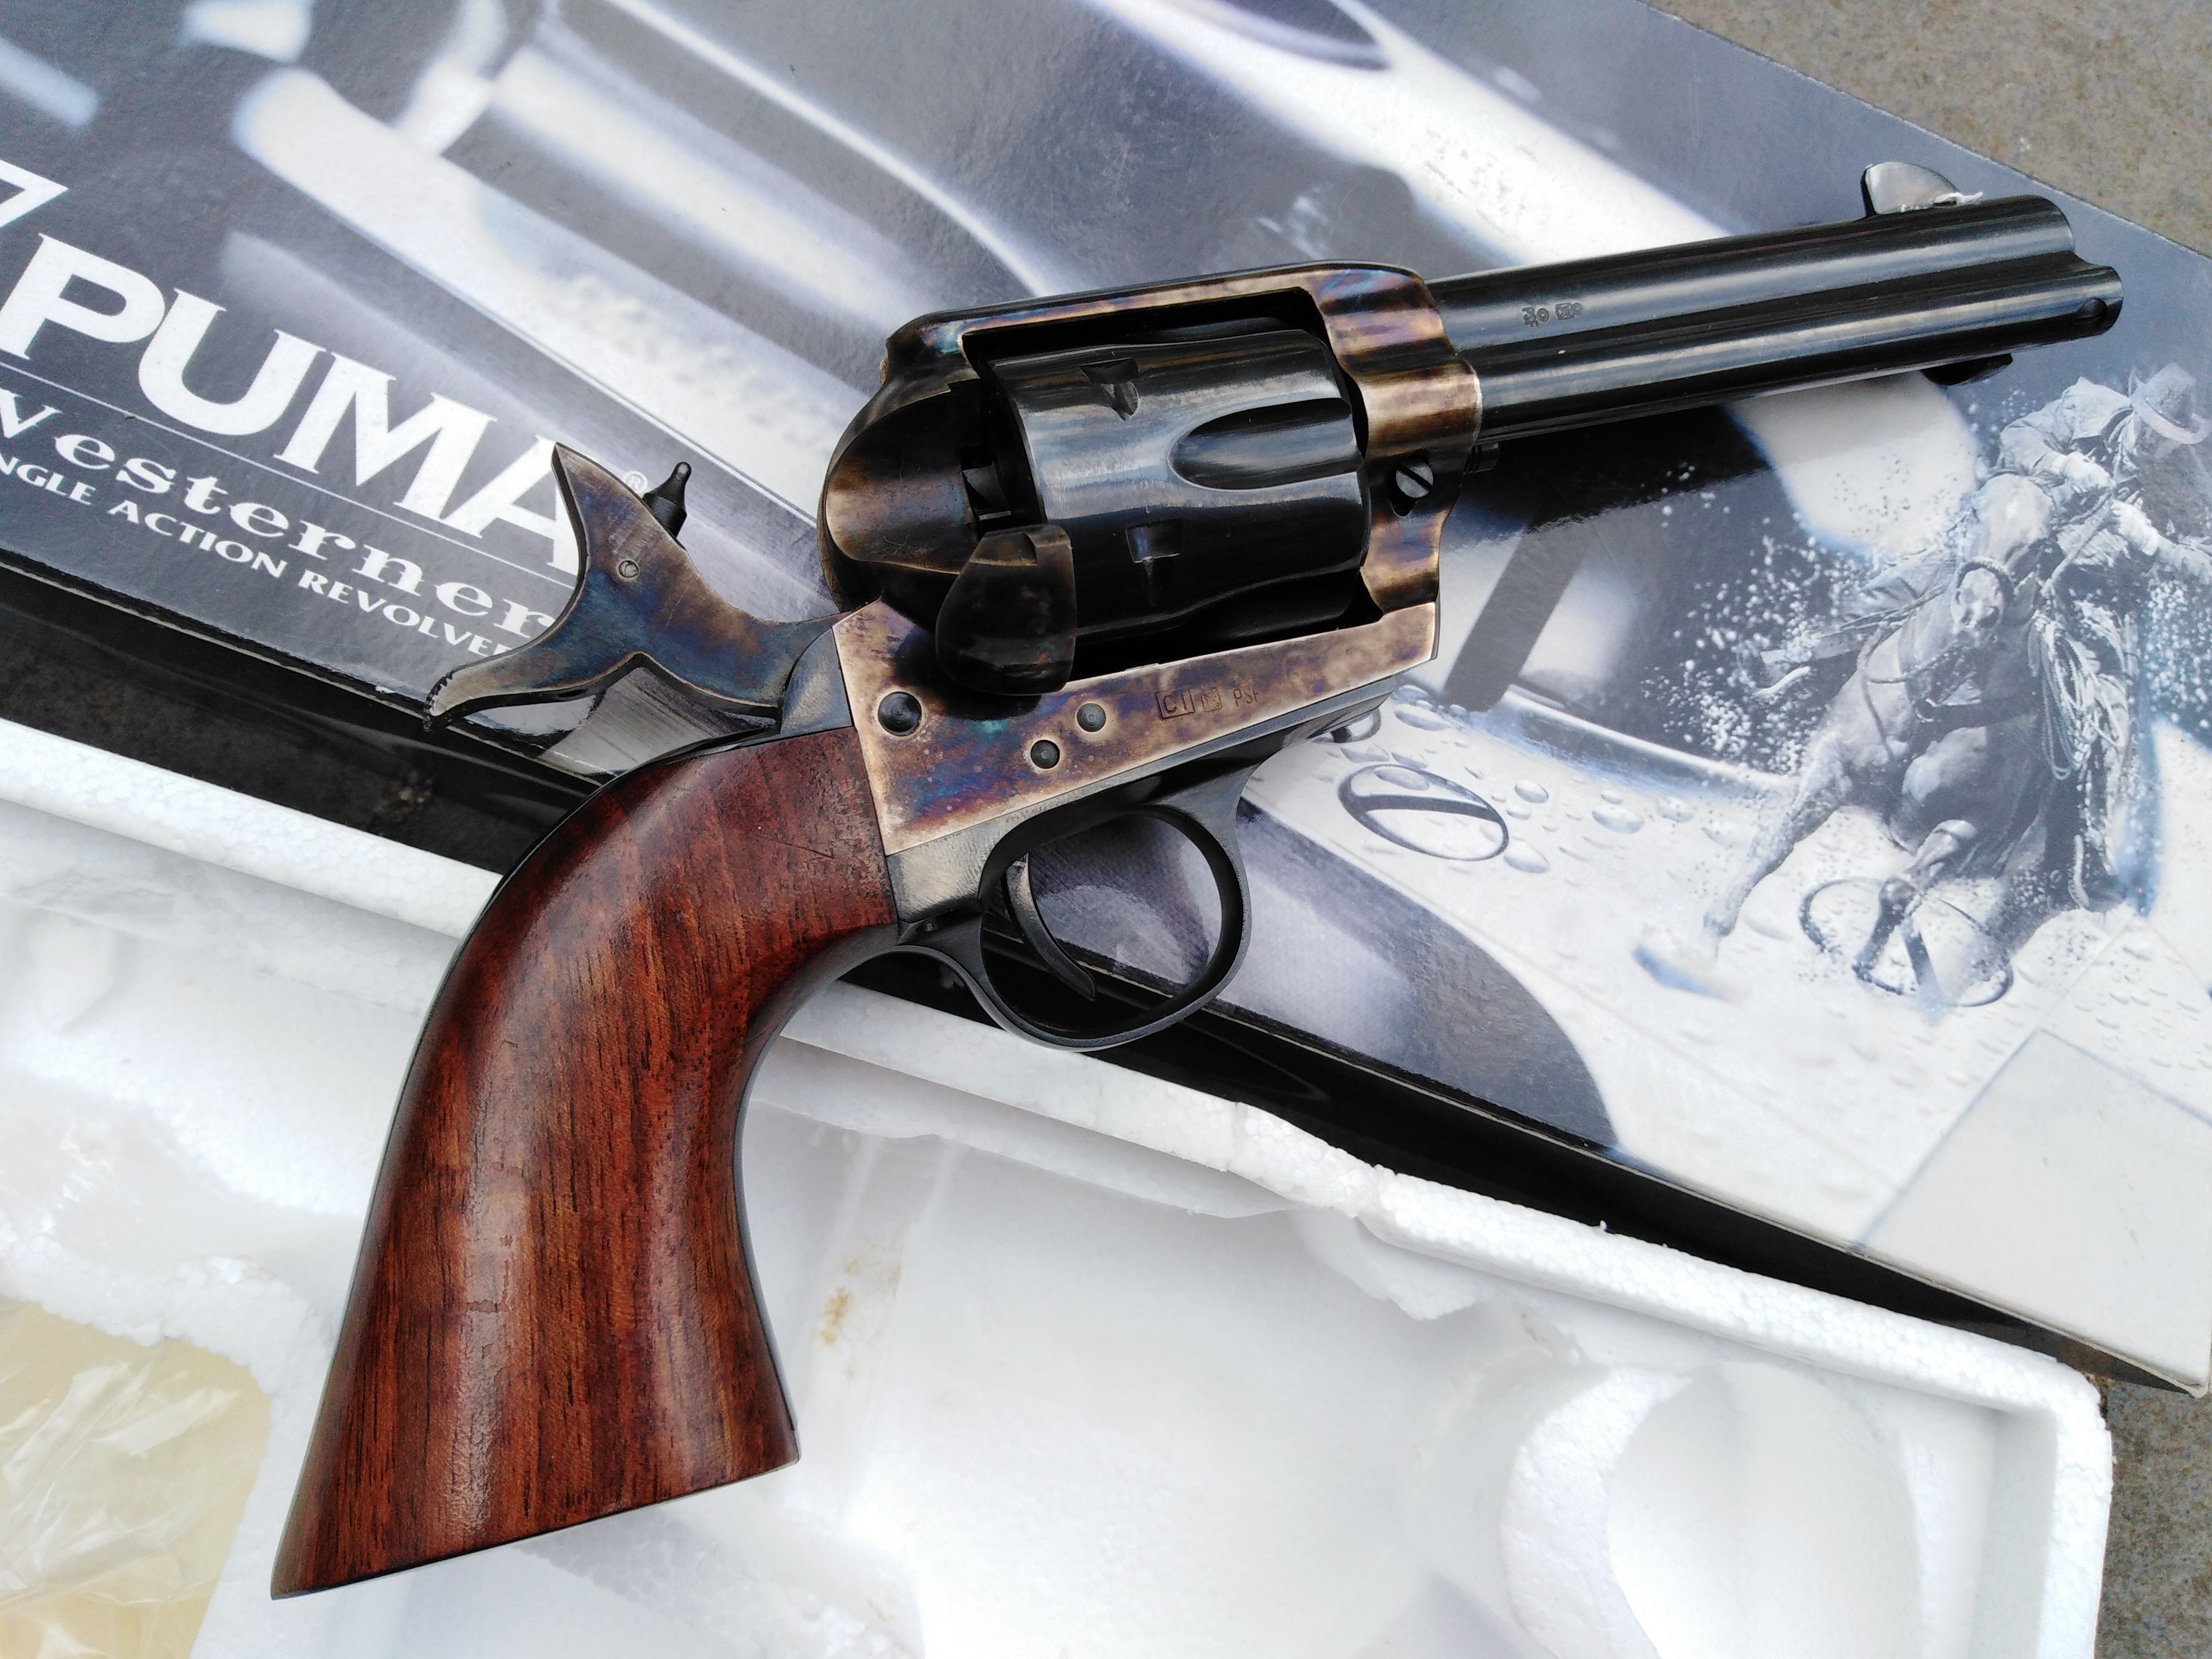 Pietta Colt SAA Full Steel 4 3/4 inch